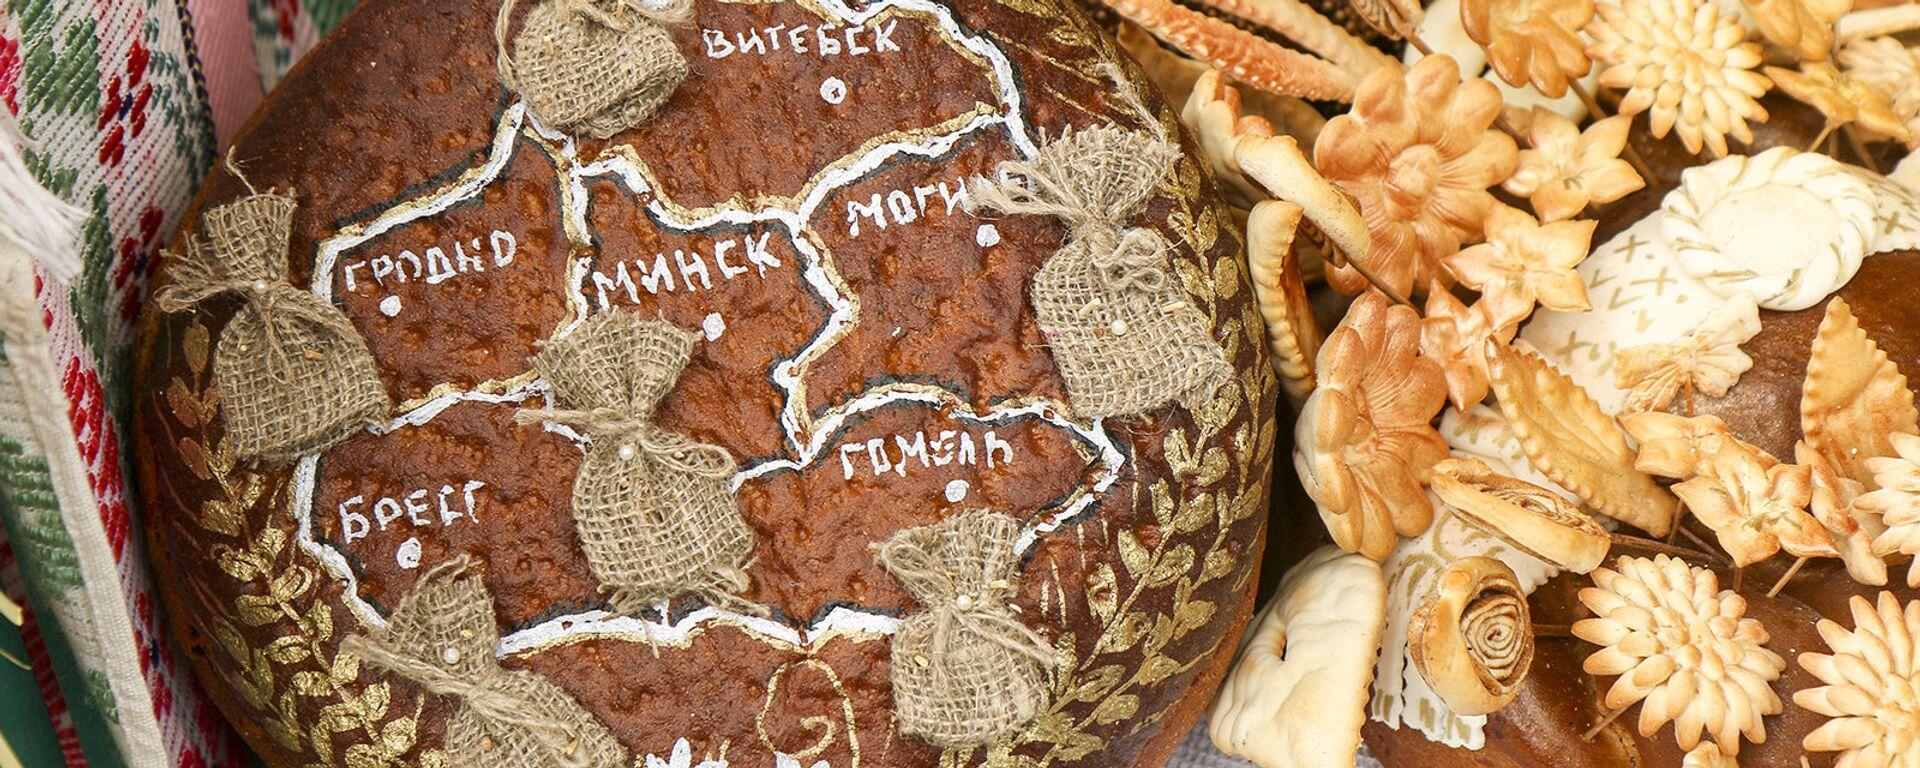 Вершы пра хлеб: скарынка, скіба, луста, акраец, каравай - Sputnik Беларусь, 1920, 13.05.2019